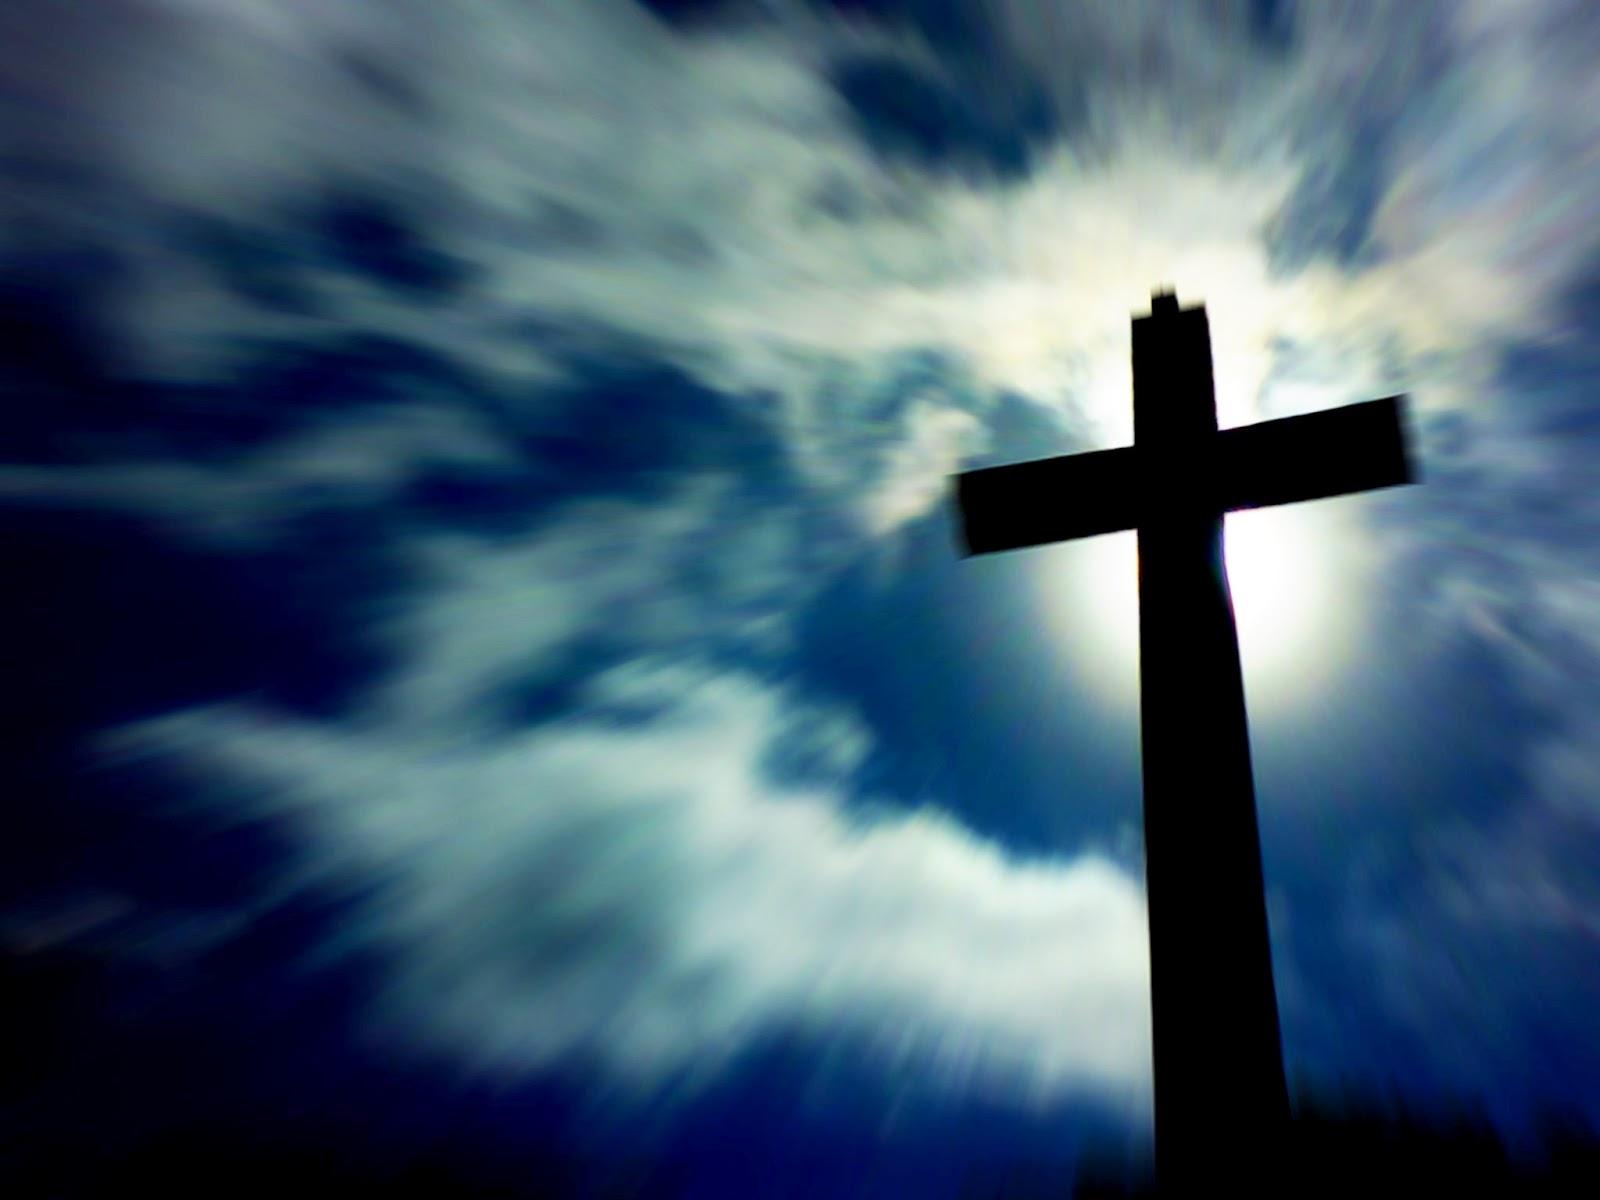 45 Fondos De Pantalla De Fortnite En Hd Para Descargar En: Patada De Caballo: Cristianos